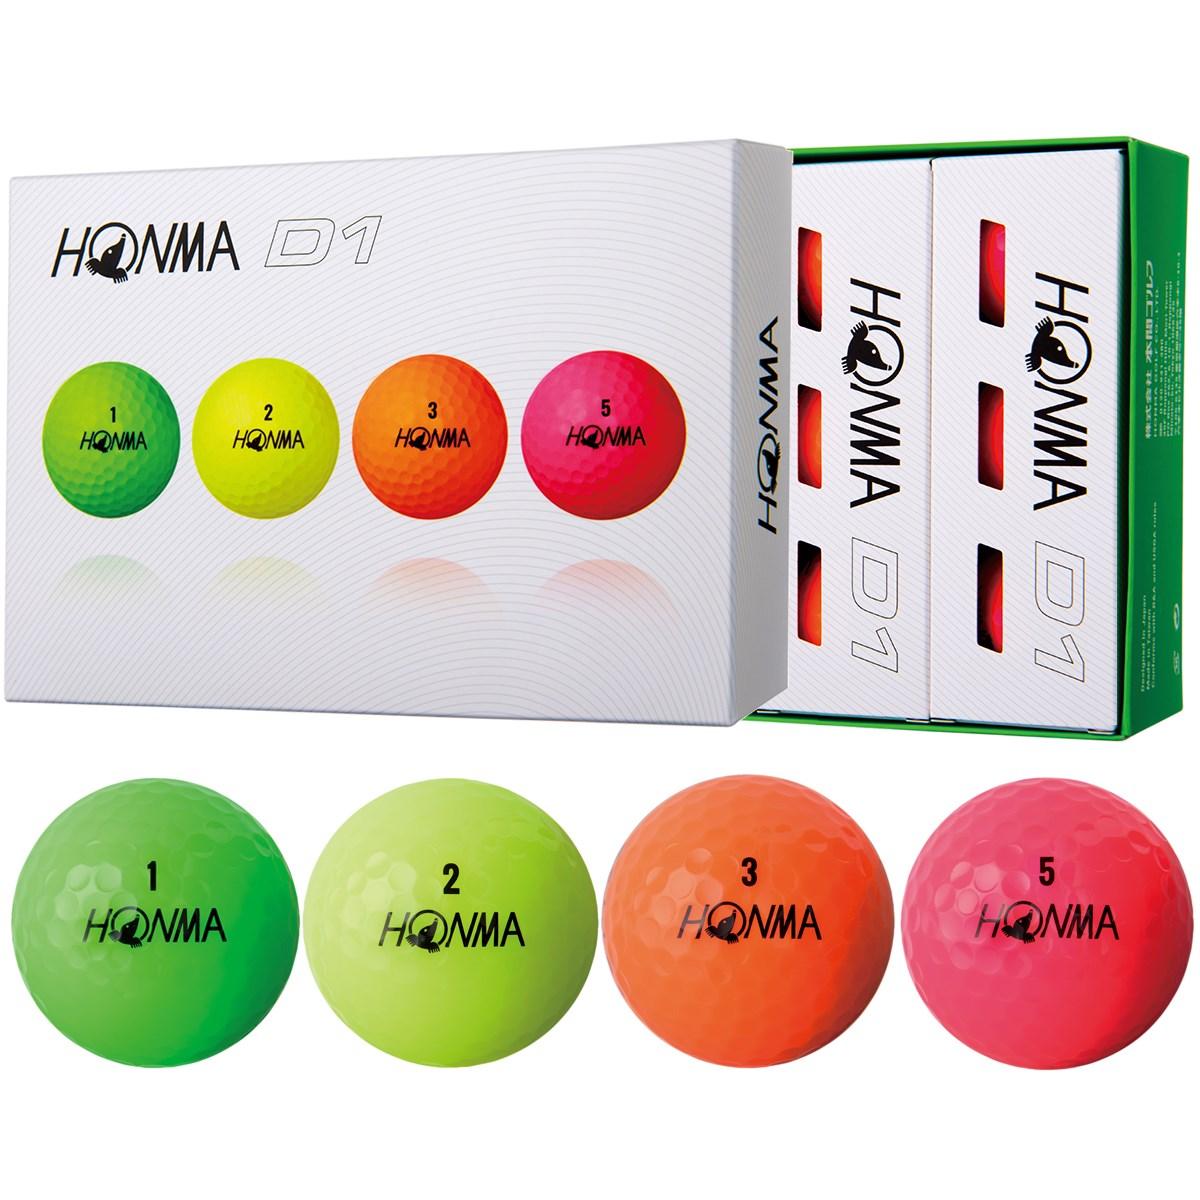 本間ゴルフ HONMA D1 ボール 2018年モデル 1ダース(12個入り) マルチ